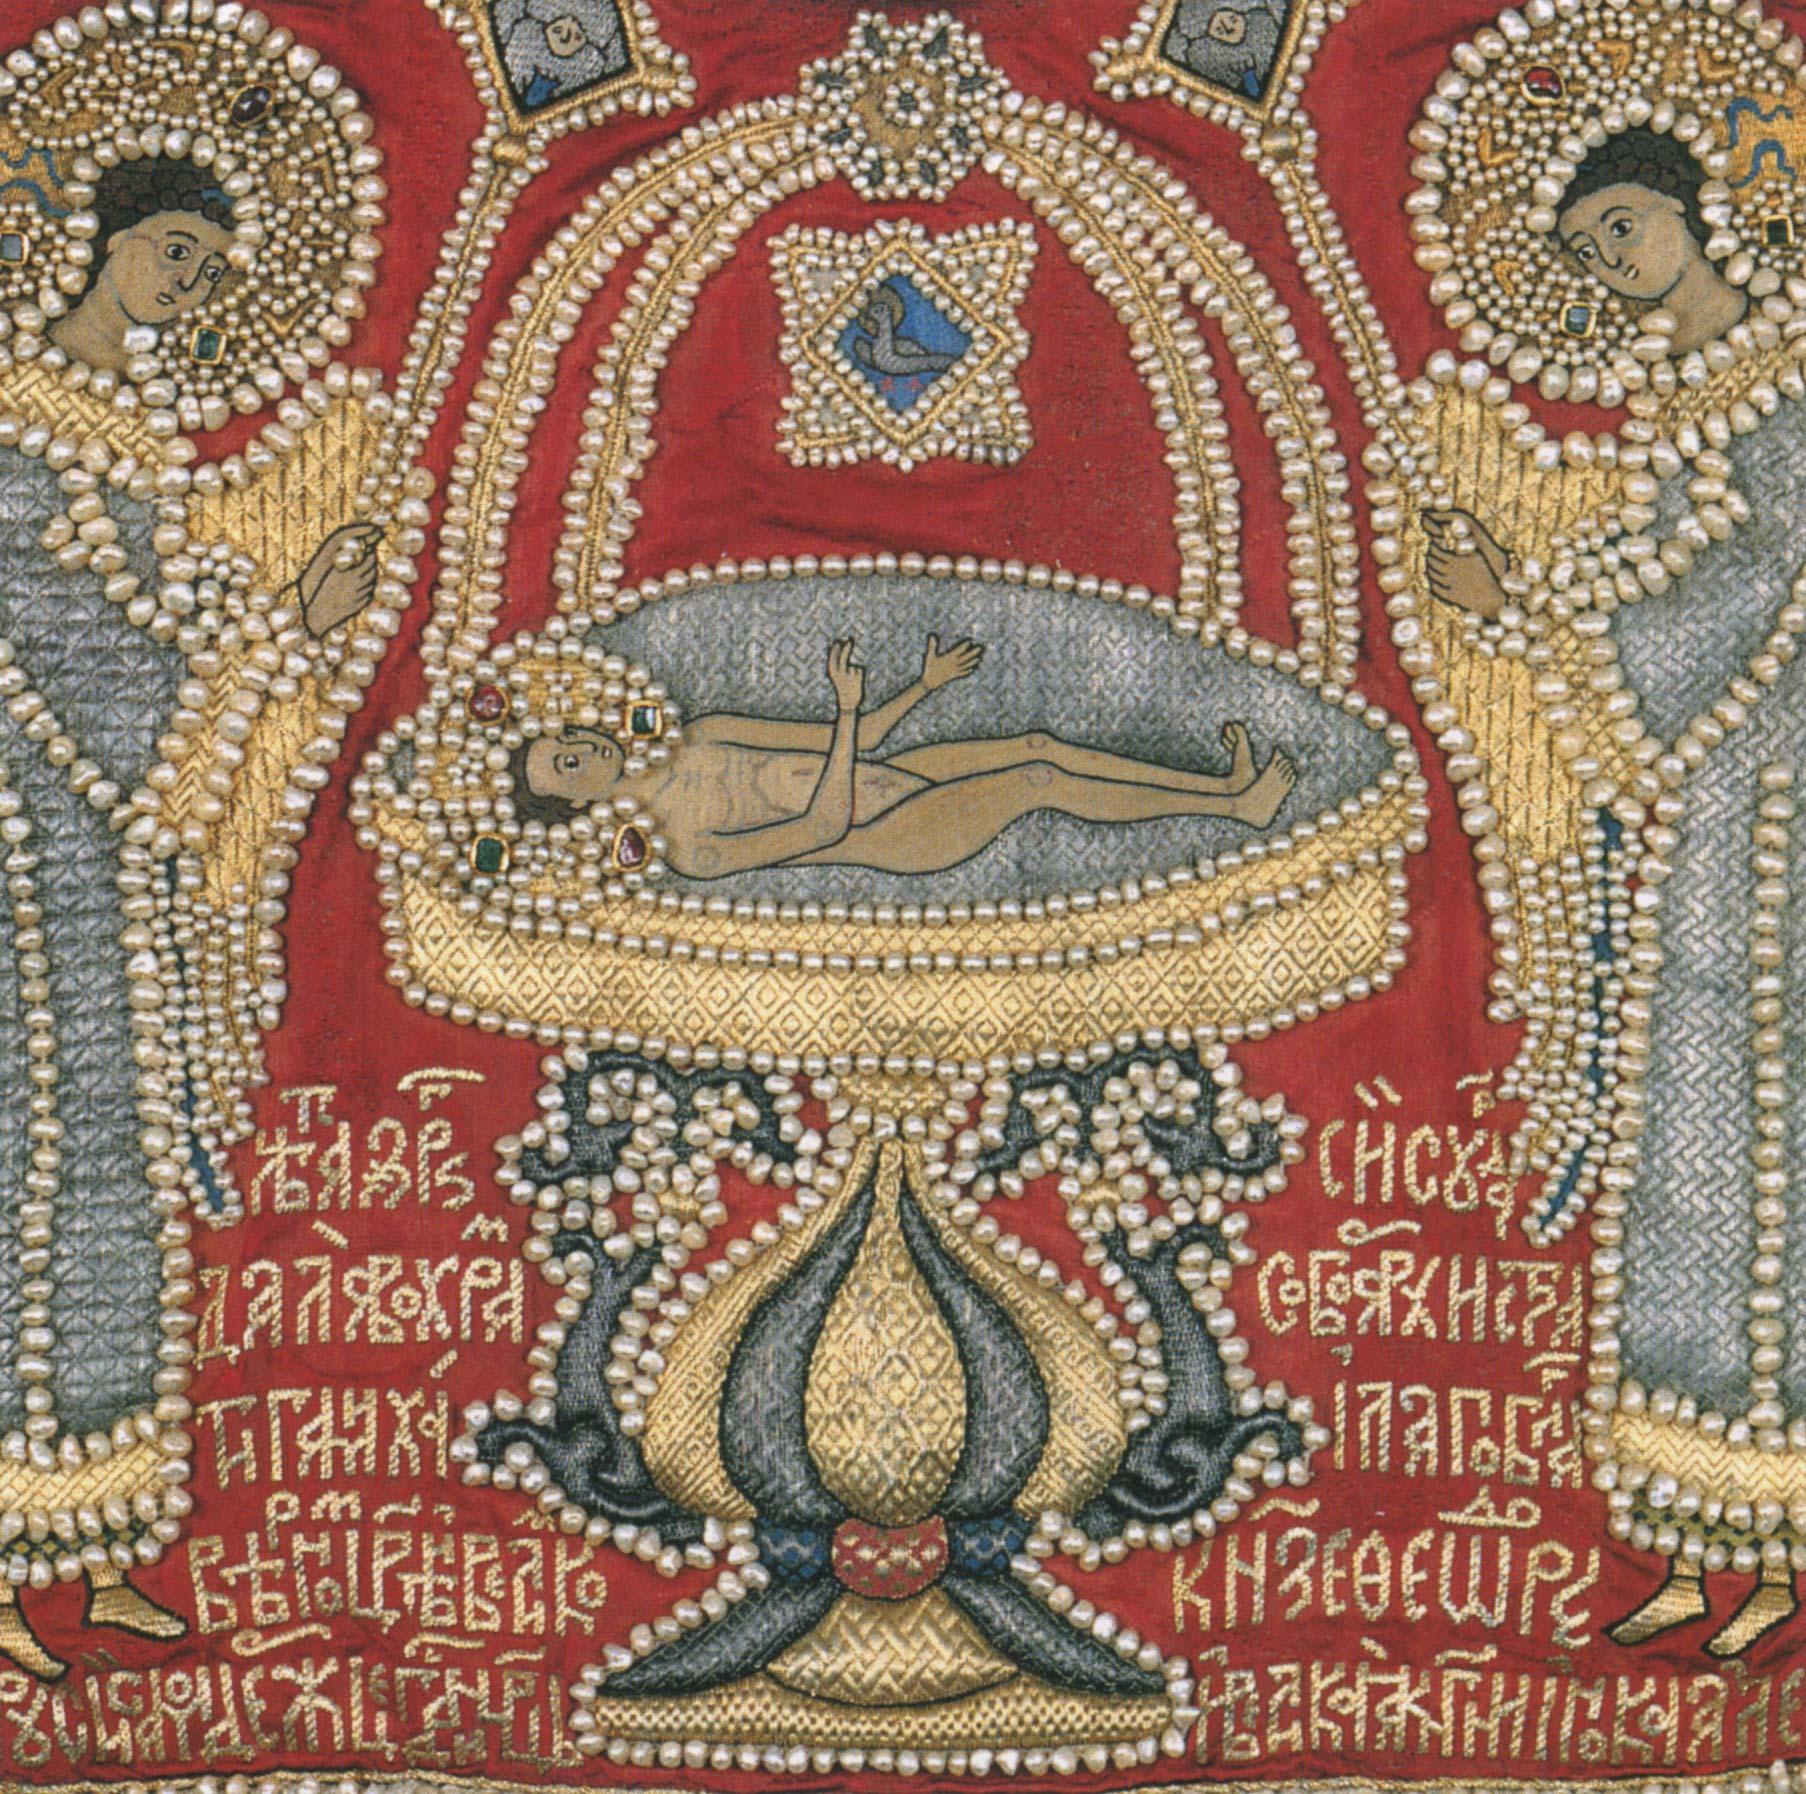 Die Ikone In Der Moderne Moglichkeiten Einer Begegnung Zwischen Orthodoxie Und Avantgarde Synaxiss Webseite